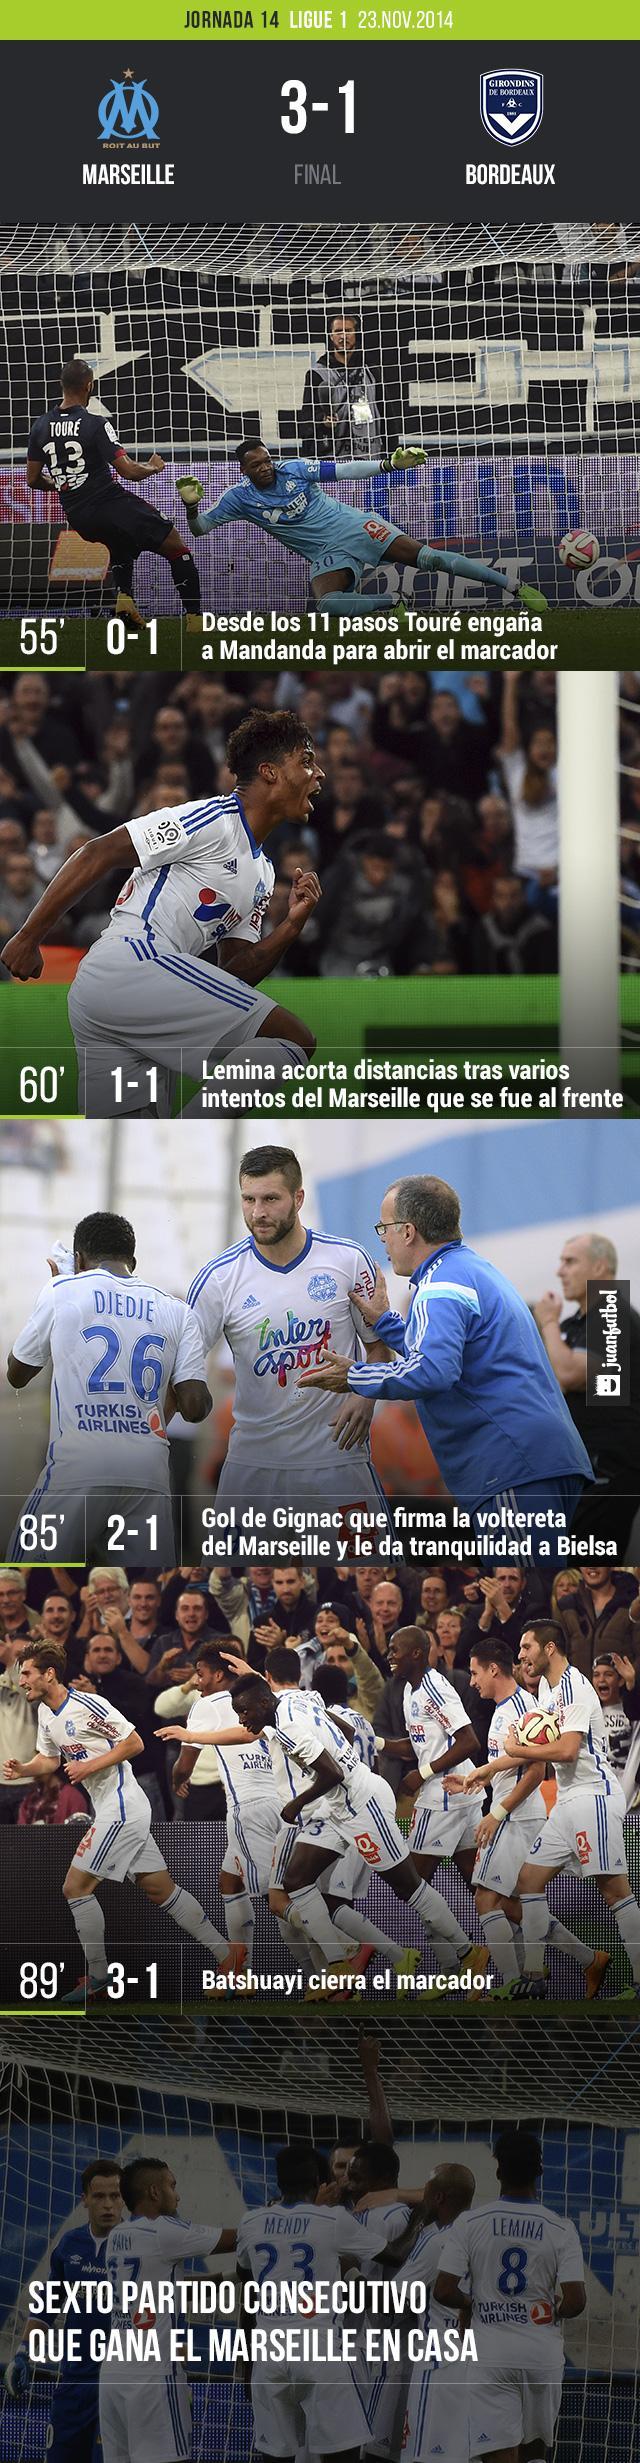 El Marseille venció al Bordeaux 3-1 con goles de Lemina, Gignac y Batshuayi